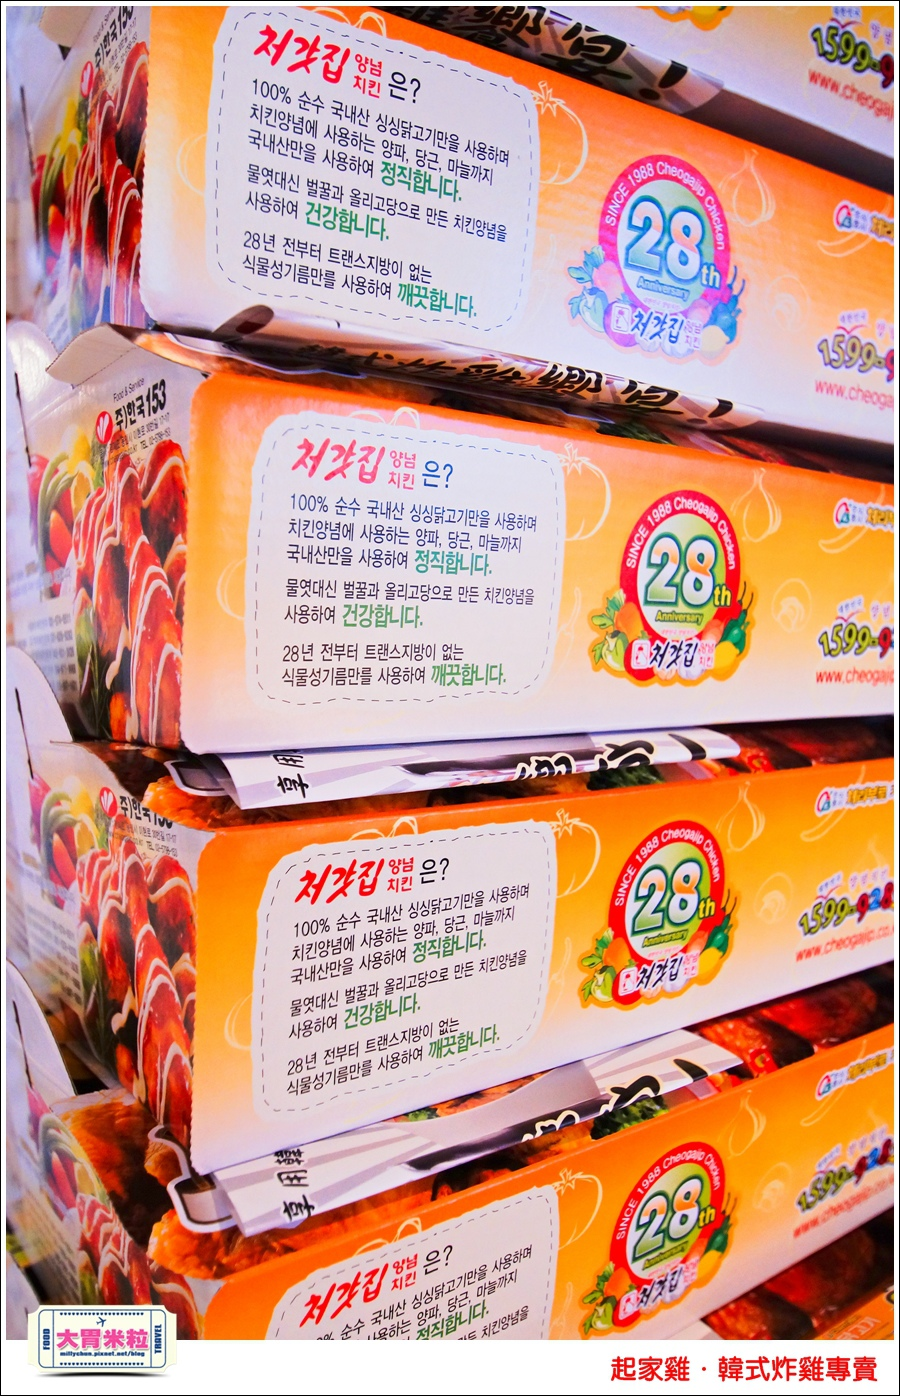 台北韓式炸雞推薦@起家雞Cheogajip哇樂炸雞@大胃米粒0056.jpg